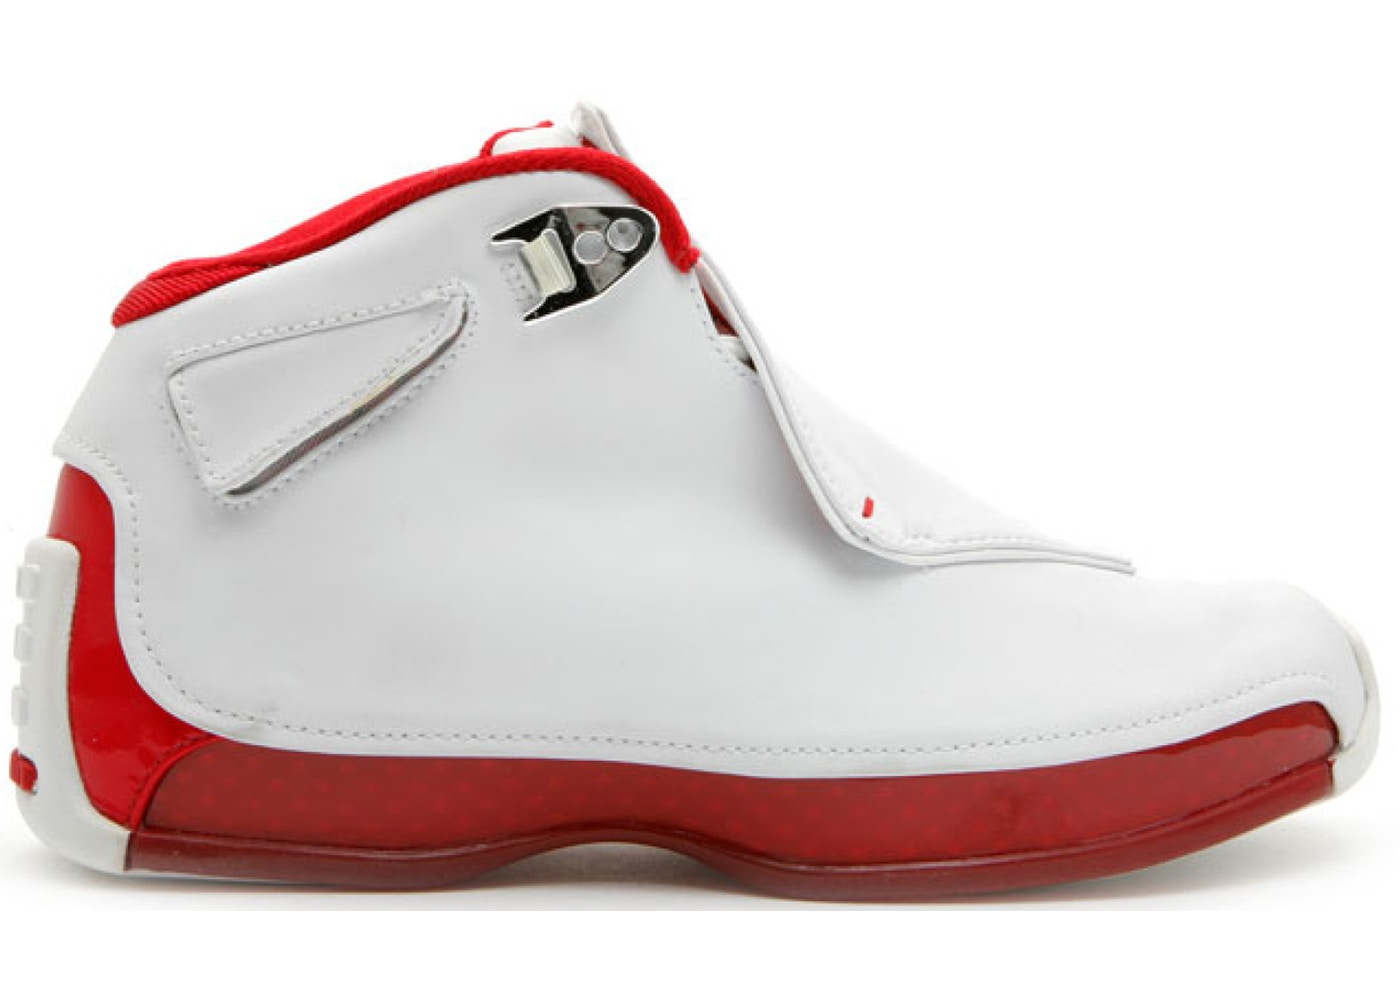 Jordan 18 OG White Red (GS) - 305886-161